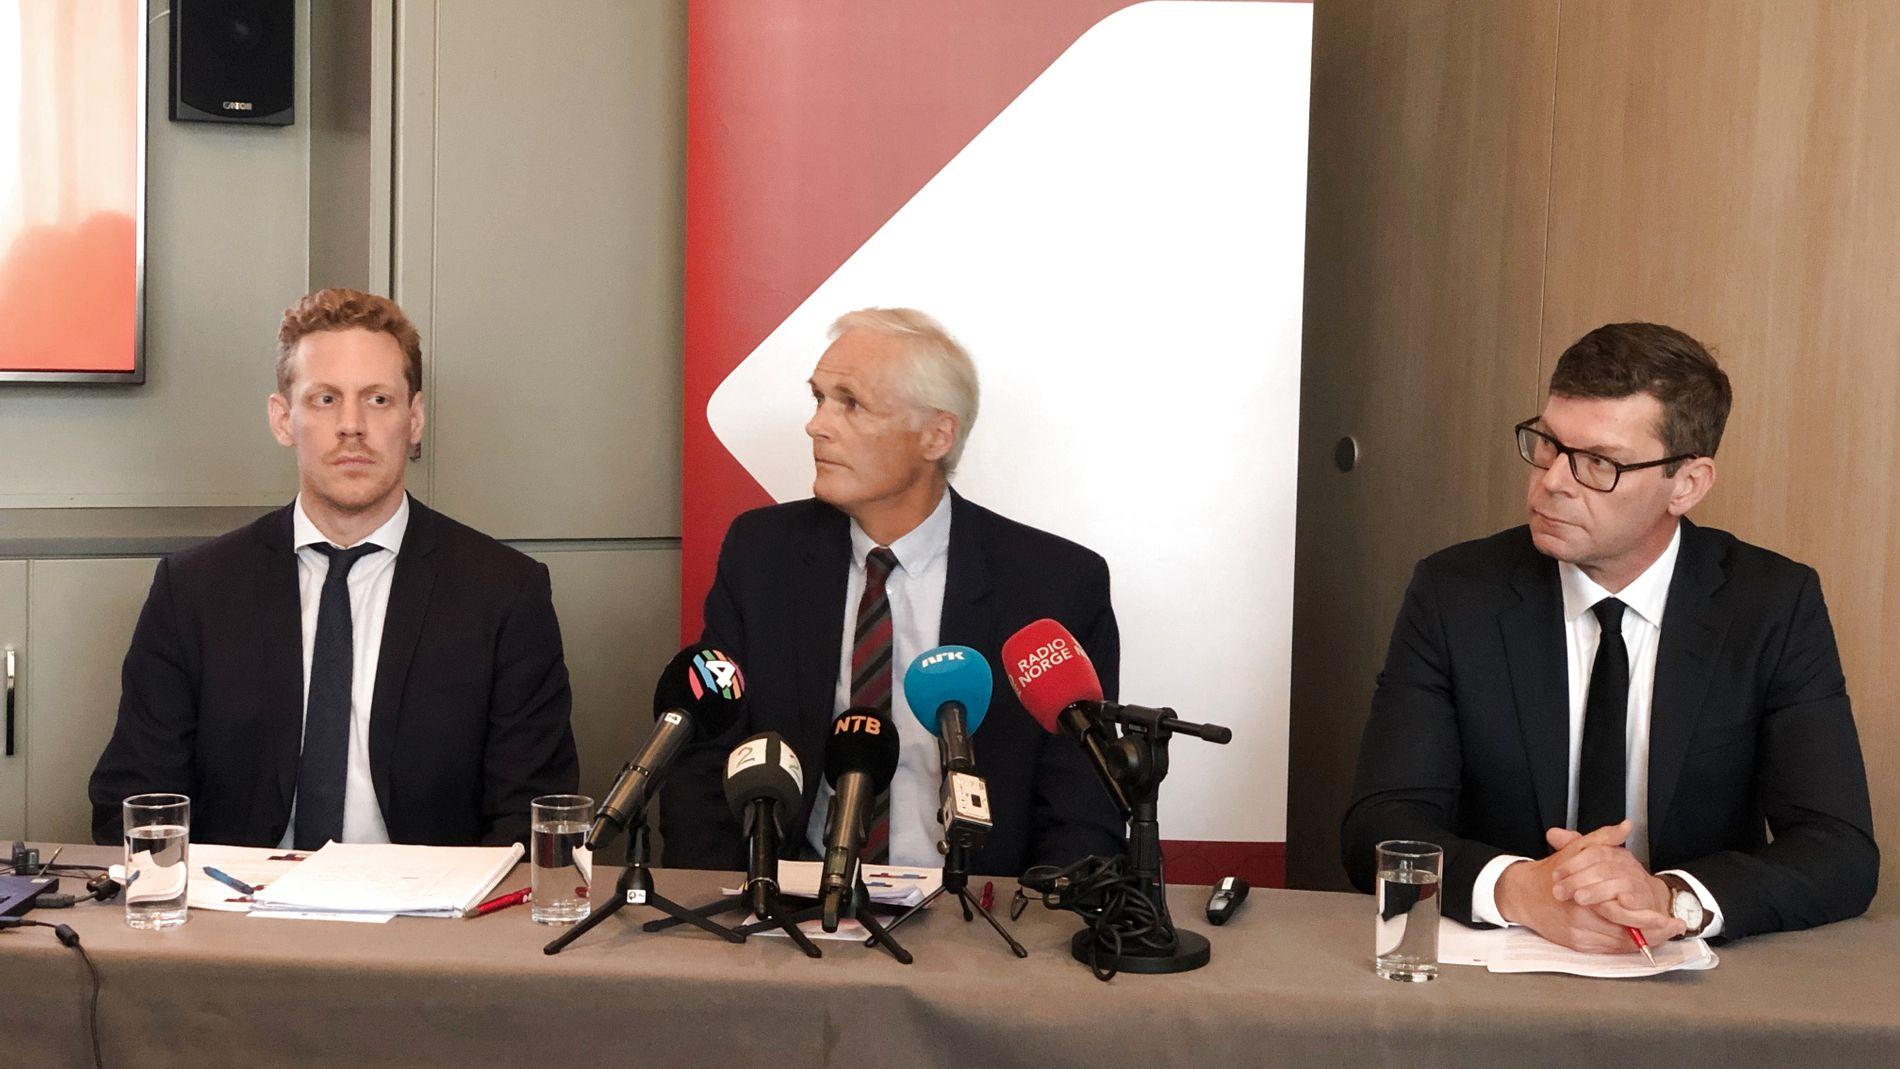 Prosjektleder Magnus Friis Reitan, konkurransedirektør Lars Sørgard og avdelingsdirektør Gjermund Nese i Konkurransetilsynet under pressekonferansen torsdag.